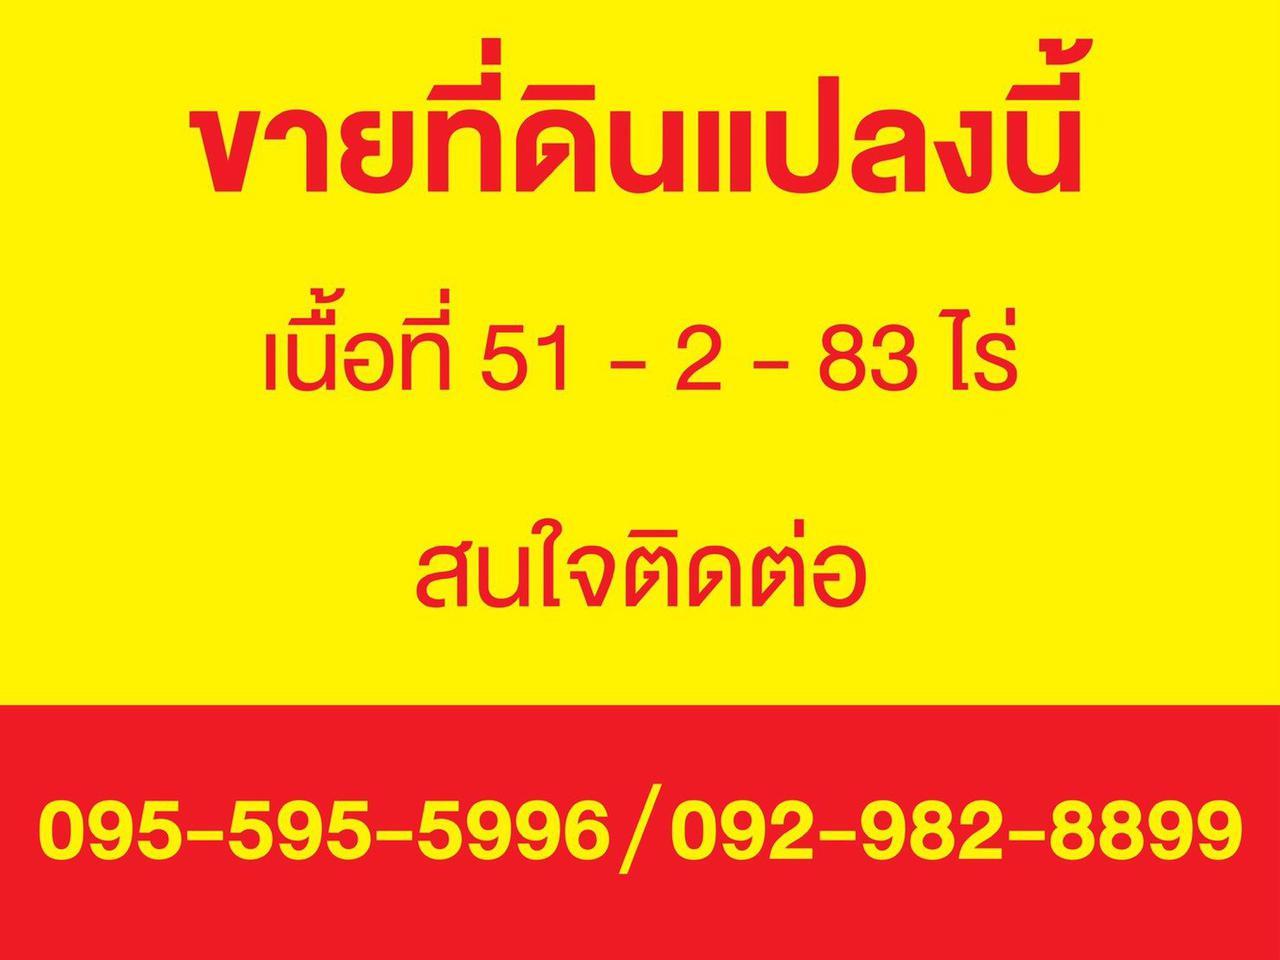 ขายที่ดิน อำเภอบ่อทอง จังหวัดชลบุรี ติดถนนสาย 3340 รูปที่ 6